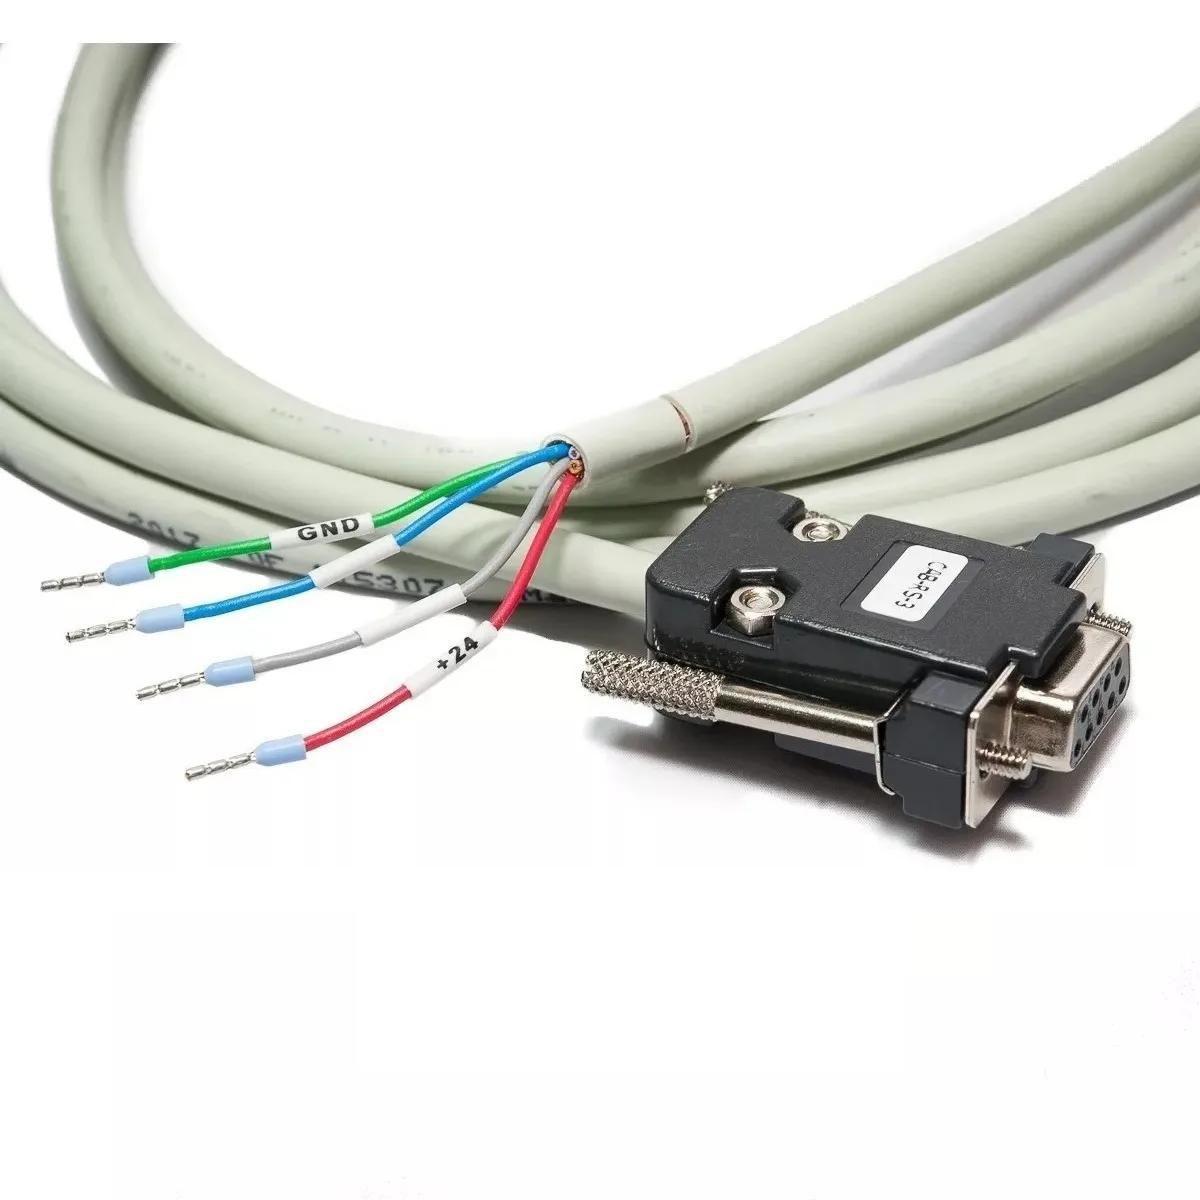 CJ CABO HMI CFW500-CCHMIR01M